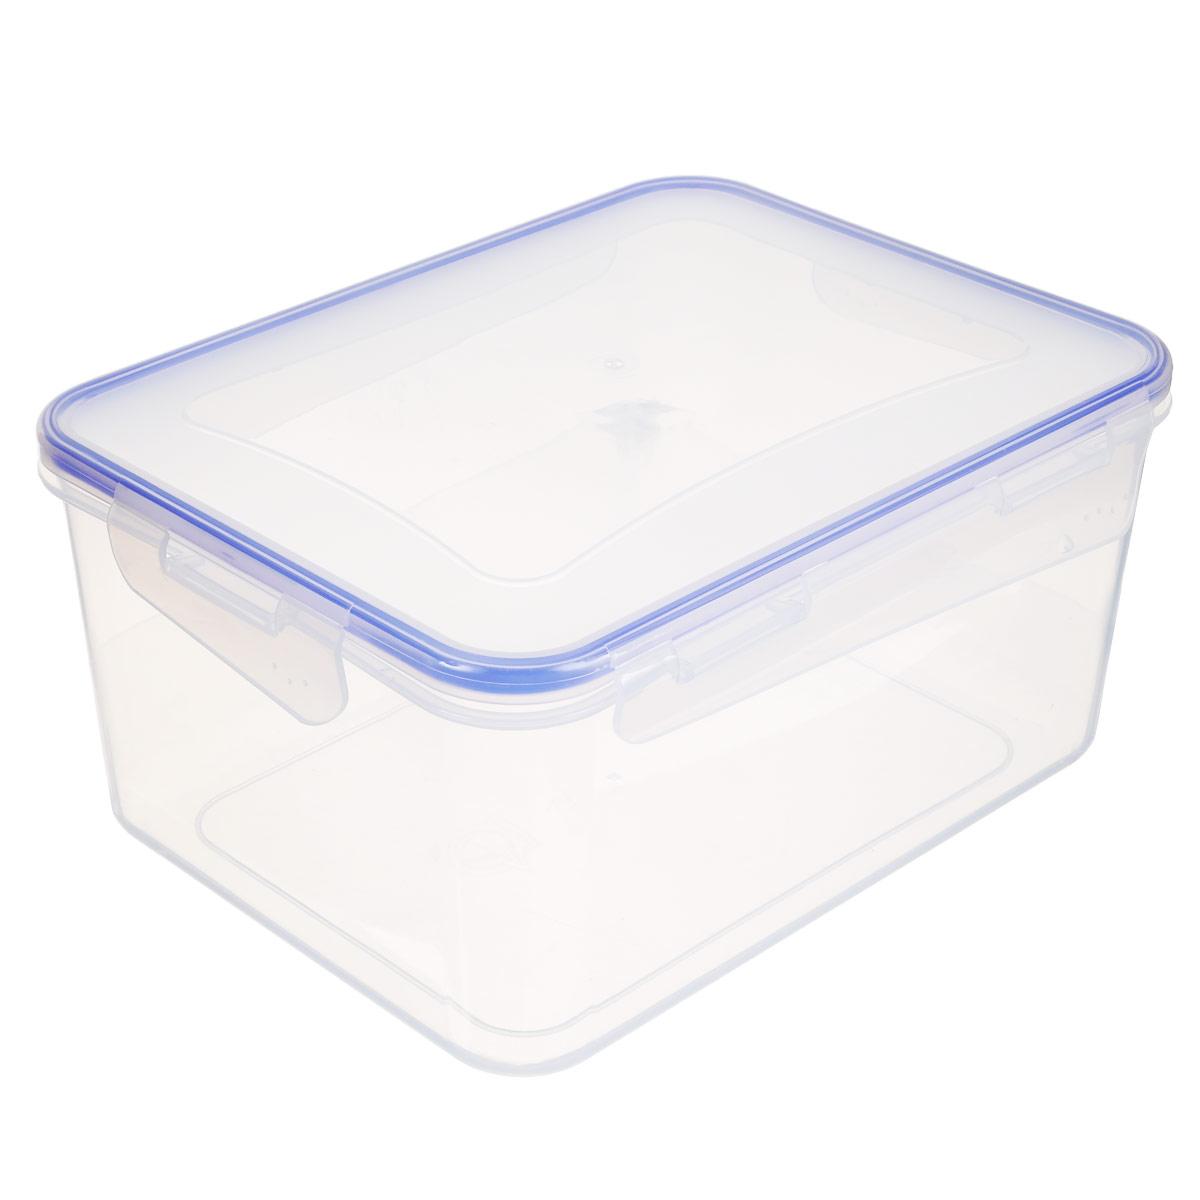 Контейнер для пищевых продуктов Алеана, 6 л167045Прямоугольный контейнер для пищевых продуктов Алеана изготовлен из пищевого полипропилена. Крышка плотно закрывается на 4 защелки, дольше сохраняя продукты свежими и вкусными. Контейнер идеально подходит для хранения пищи. Предназначен для использования в холодильнике и морозильной камере, для разморозки и разогрева продуктов в микроволновой печи (использовать без крышки - макс. 3 мин.).